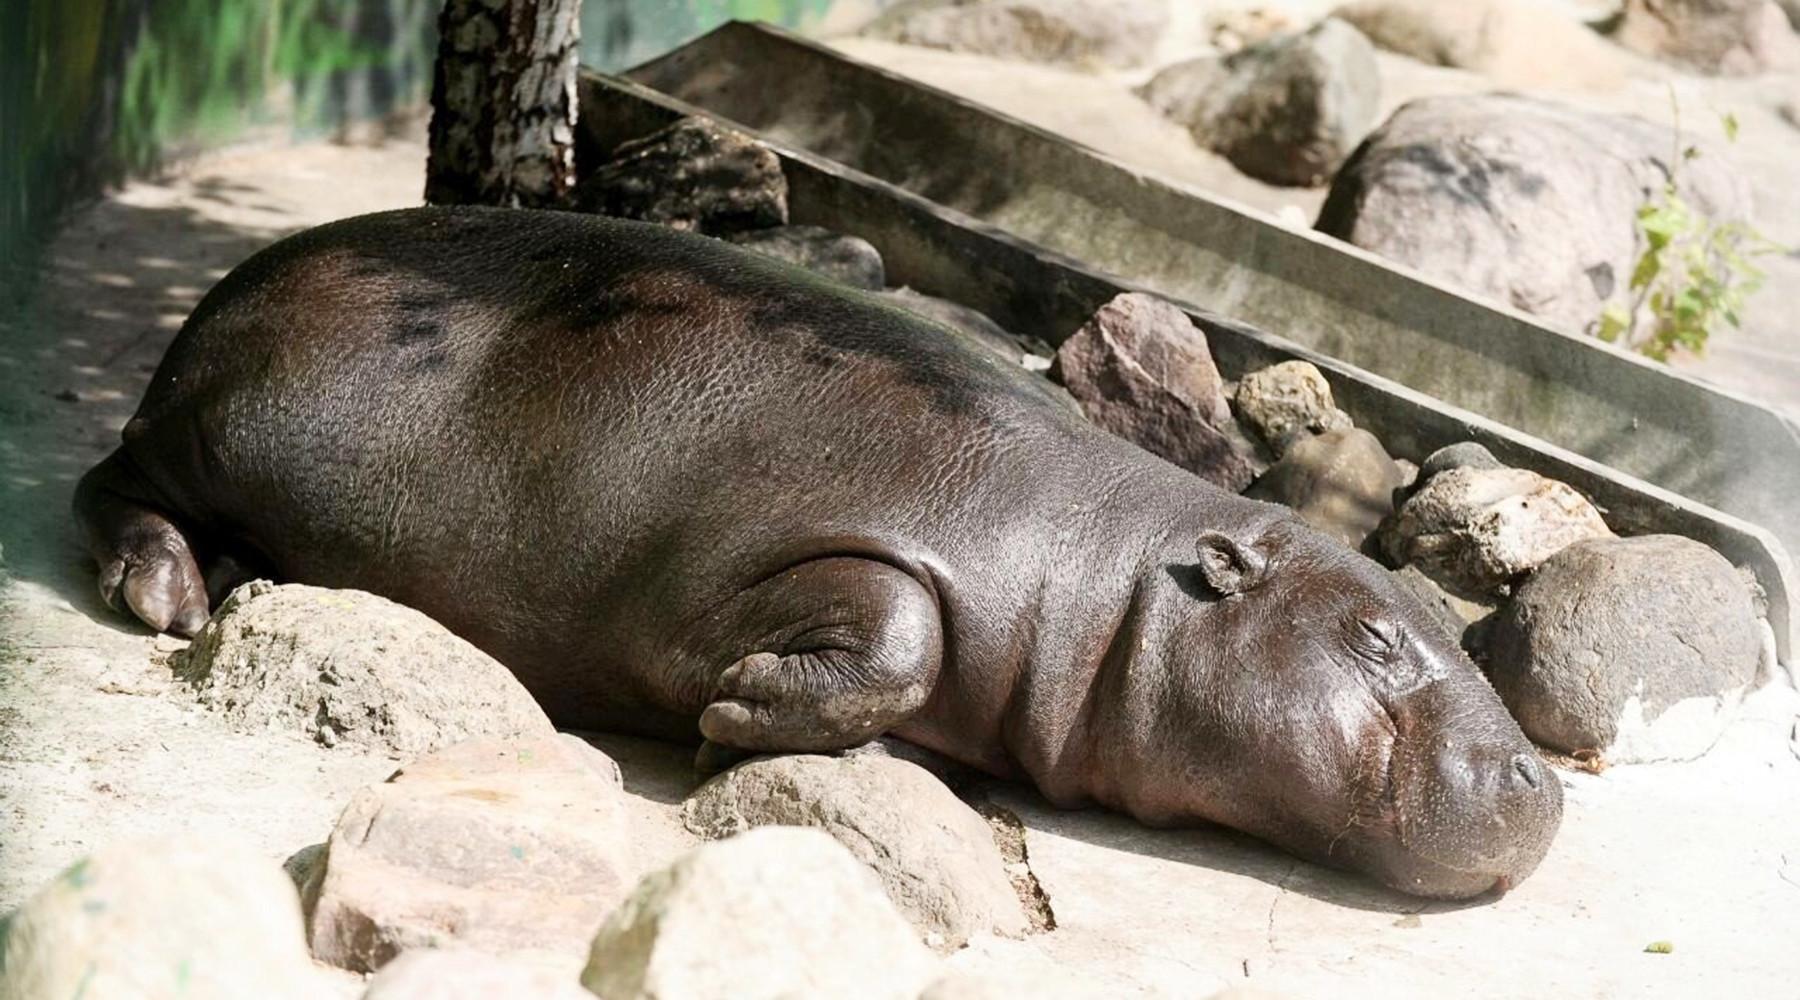 Карликового бегемота из московского зоопарка назвали Ксюшей